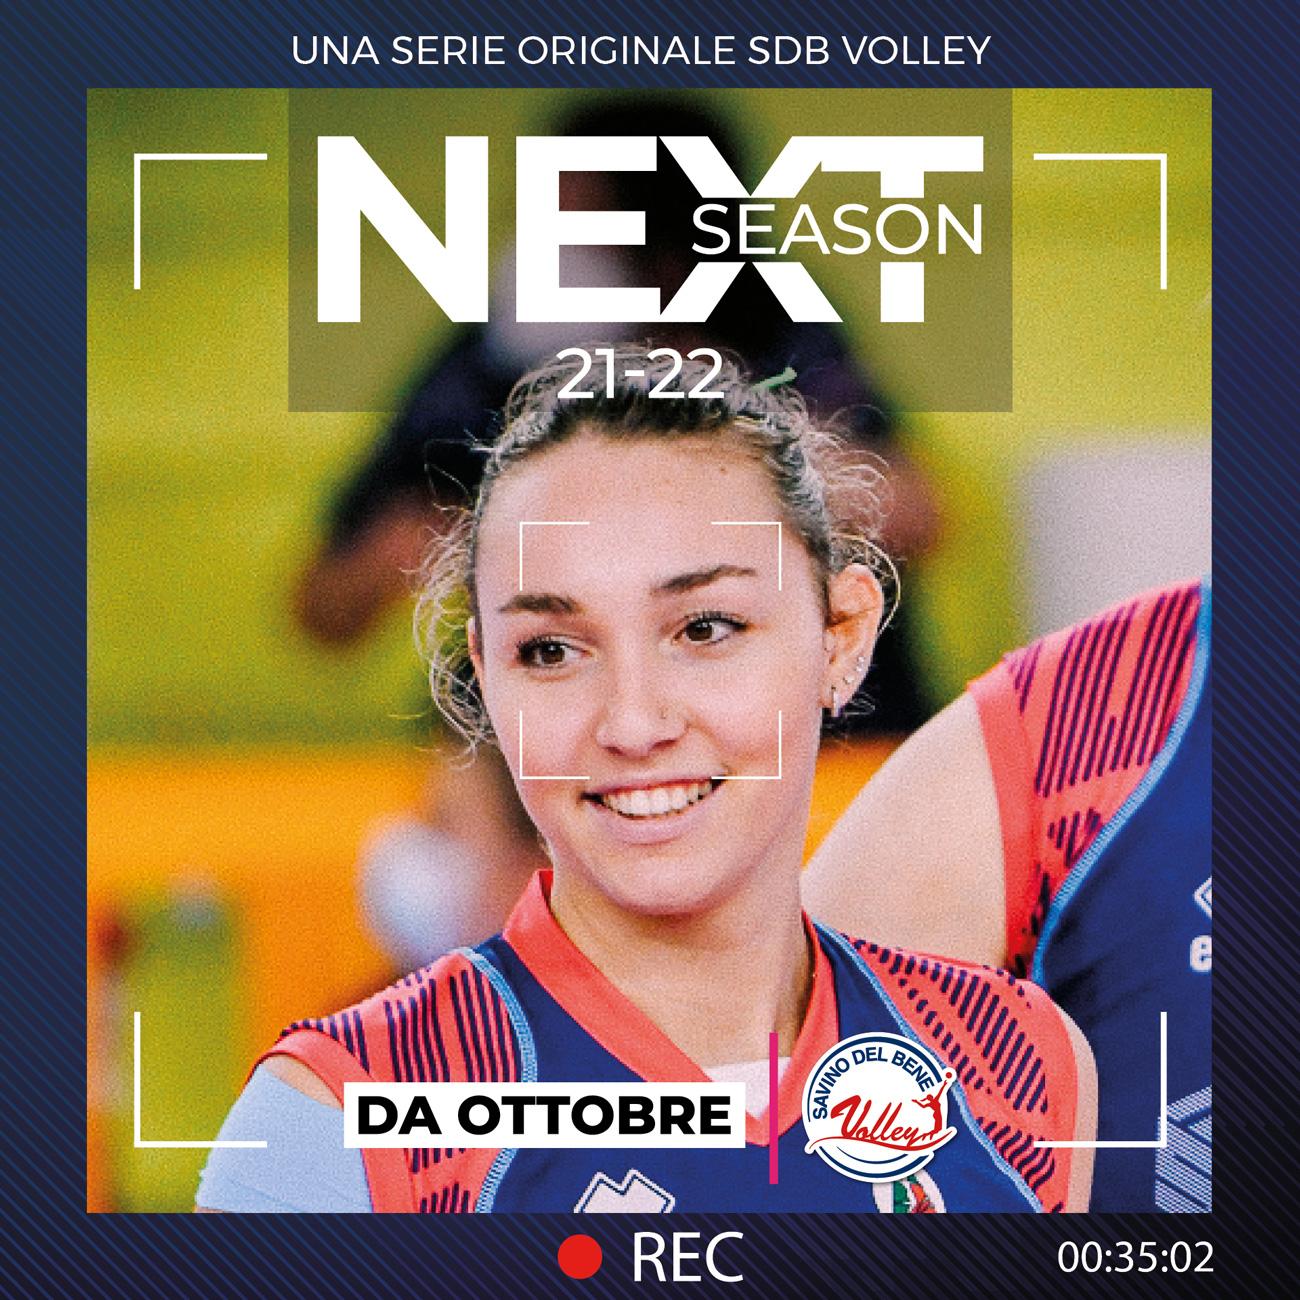 Ci sarà anche Elena Pietrini nella Savino Del Bene Volley 2021/22